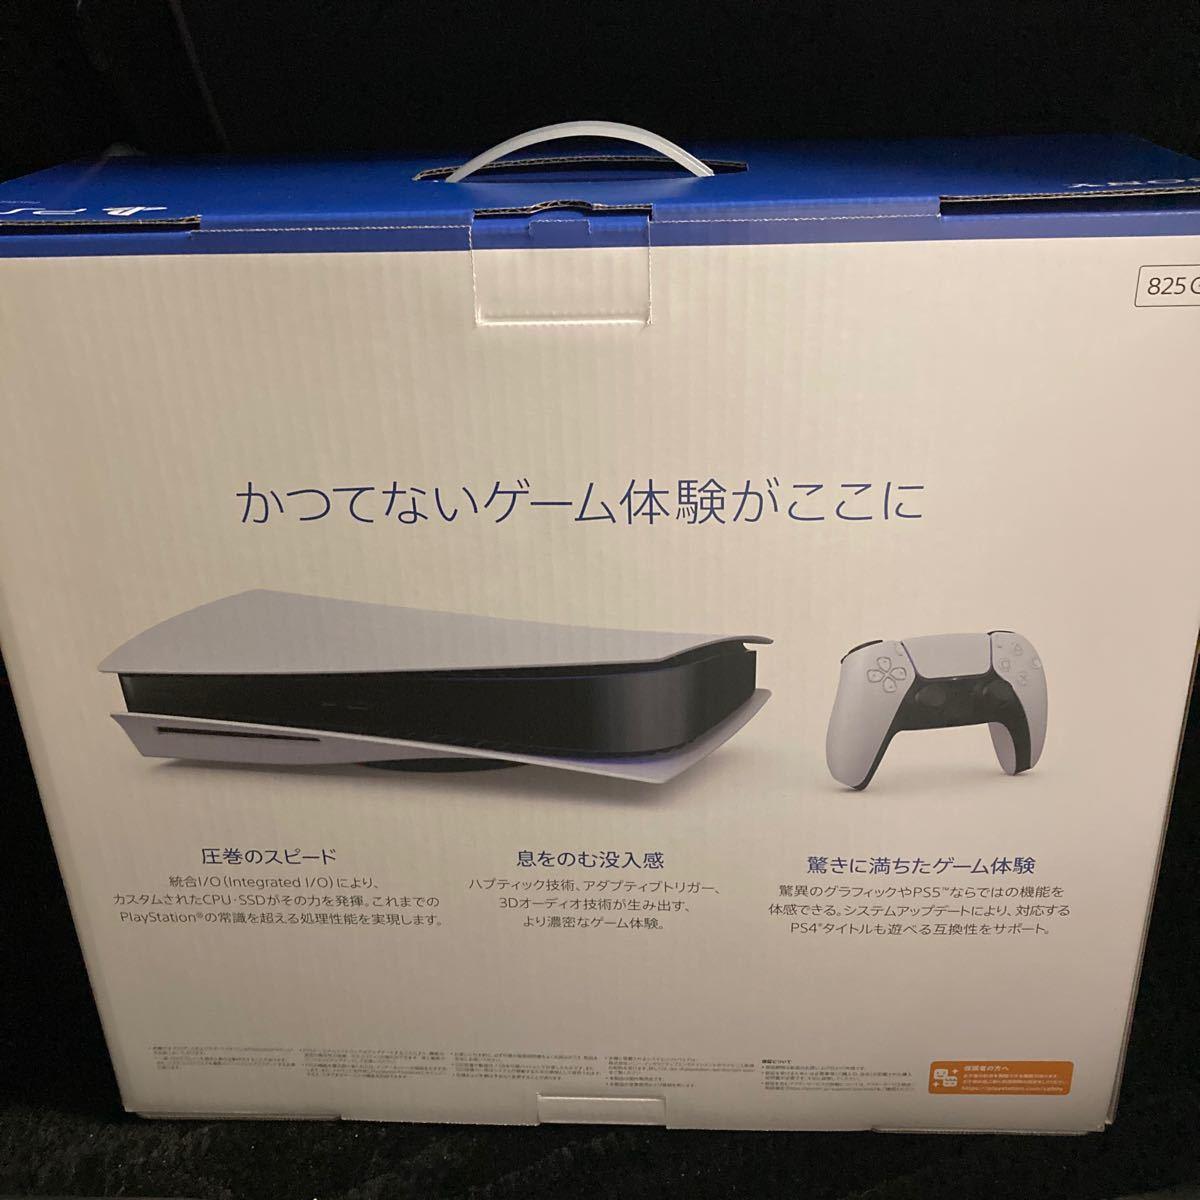 送料無料 新品 未開封 PS5 PlayStation5 本体 ディスクドライブ搭載モデル プレイステーション5 7月12日購入